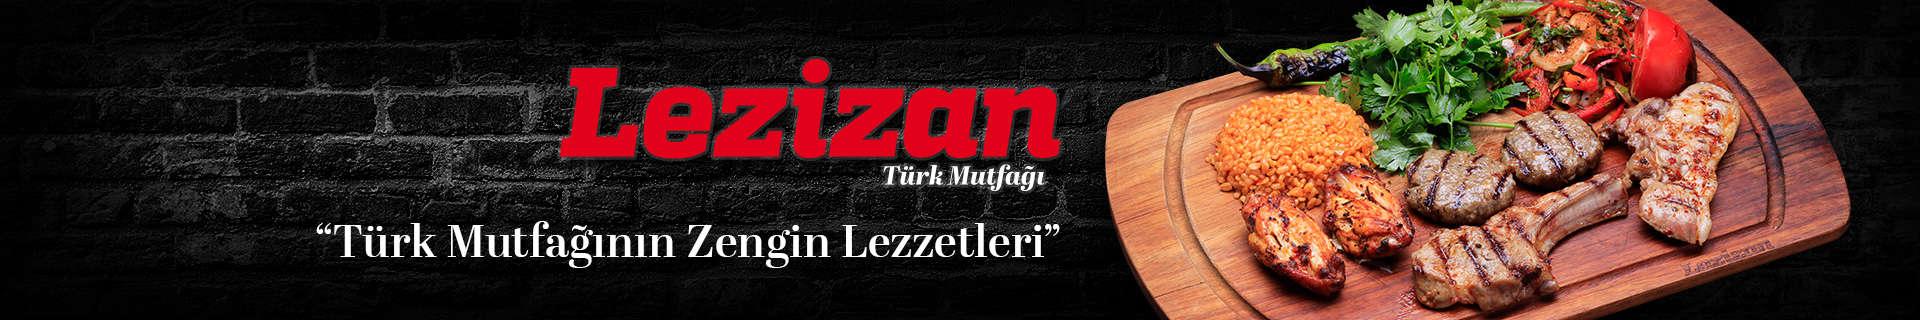 lezizan_turk_futfagi_ana_banner